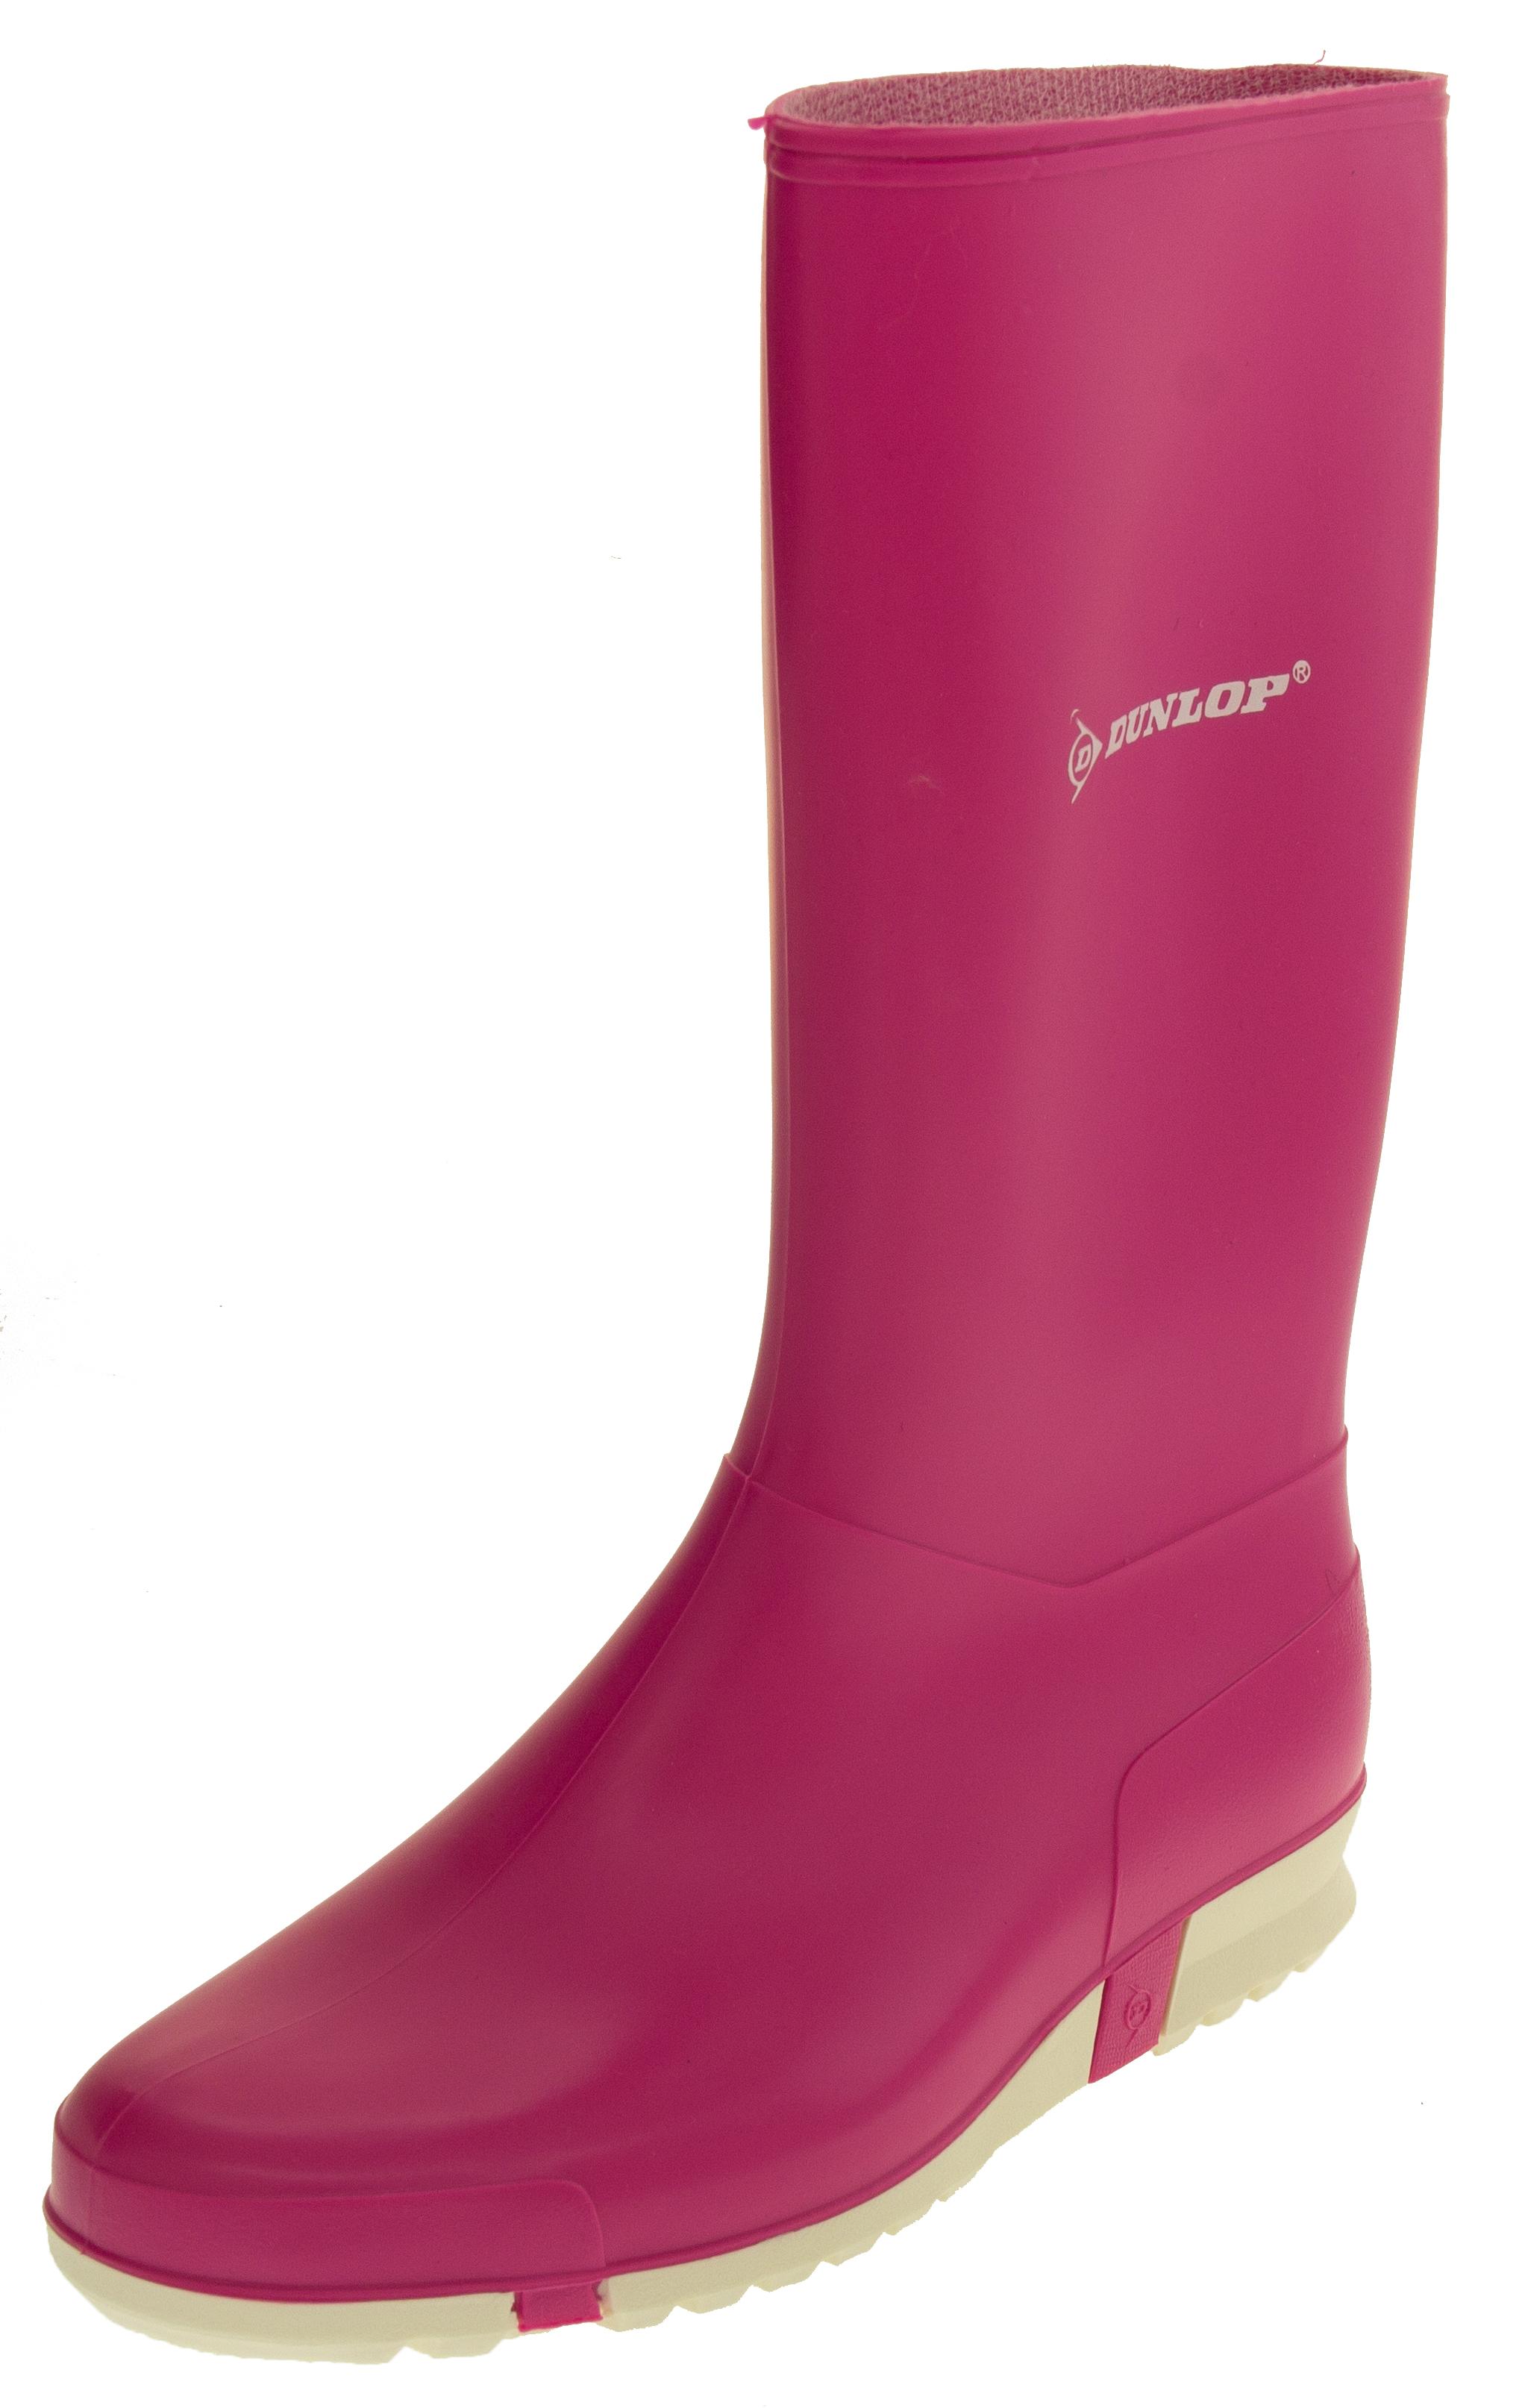 d7be945289e Girls Dunlop Sport Pink Waterproof Rubber Wellington Boots